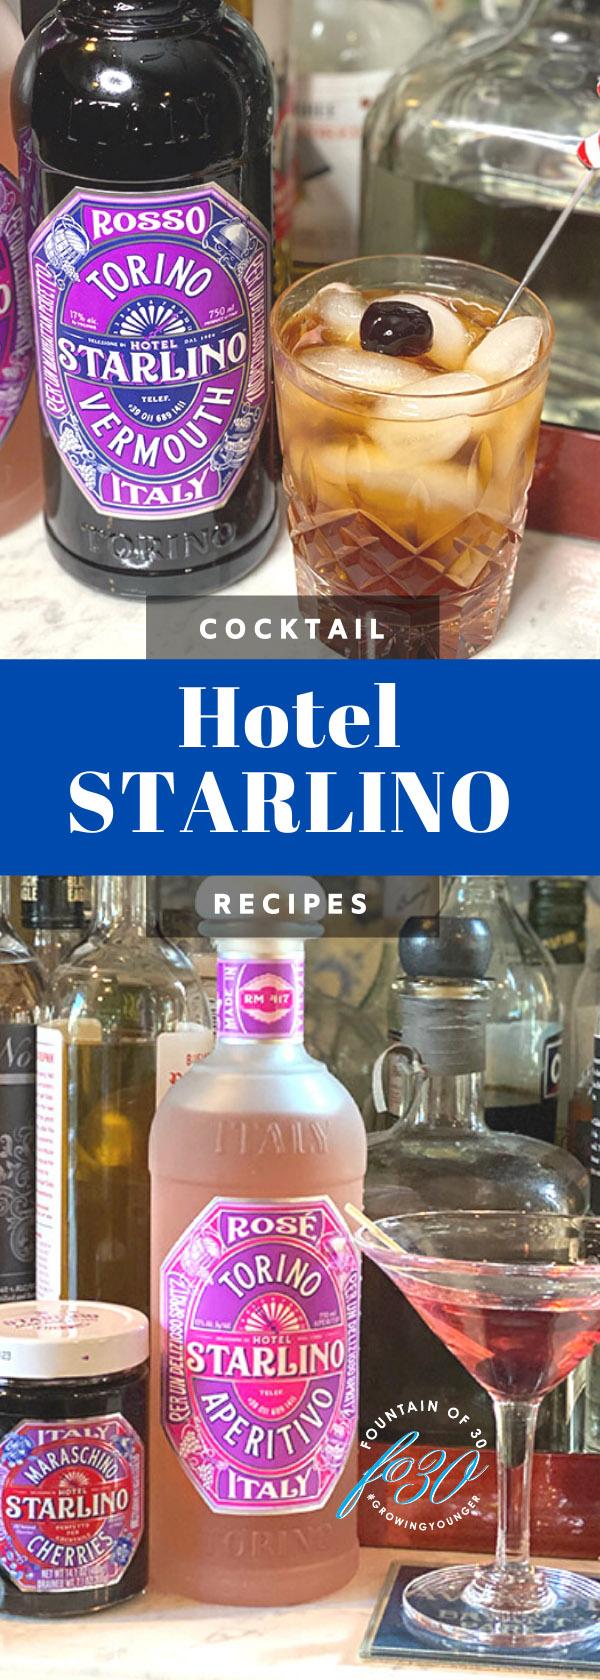 starlino cocktail recipes fountainof30